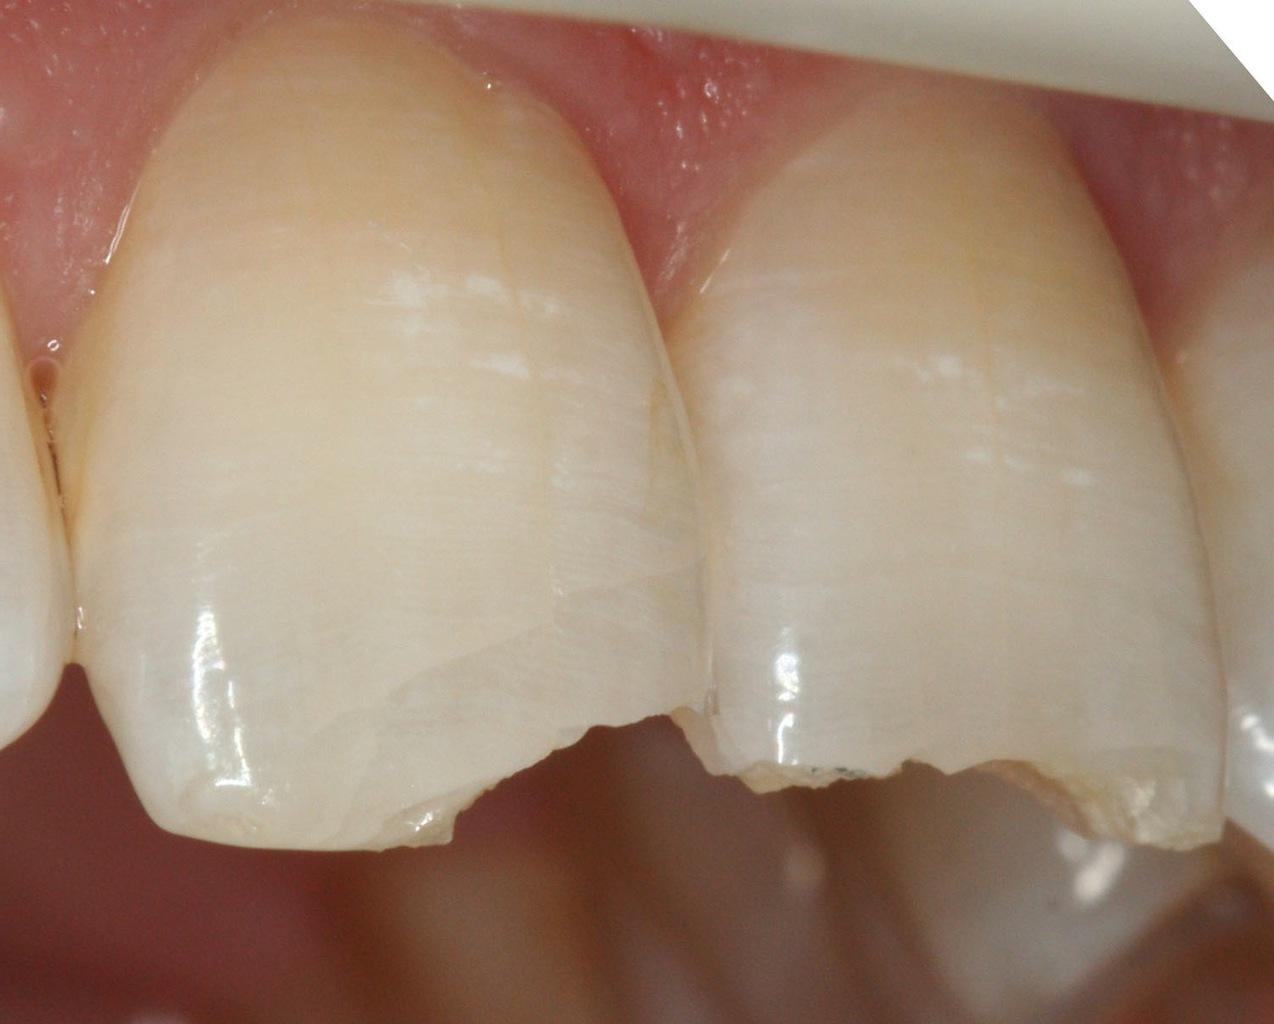 Рис. 3. Горизонтальные трещины, образовавшиеся в результате травмы.